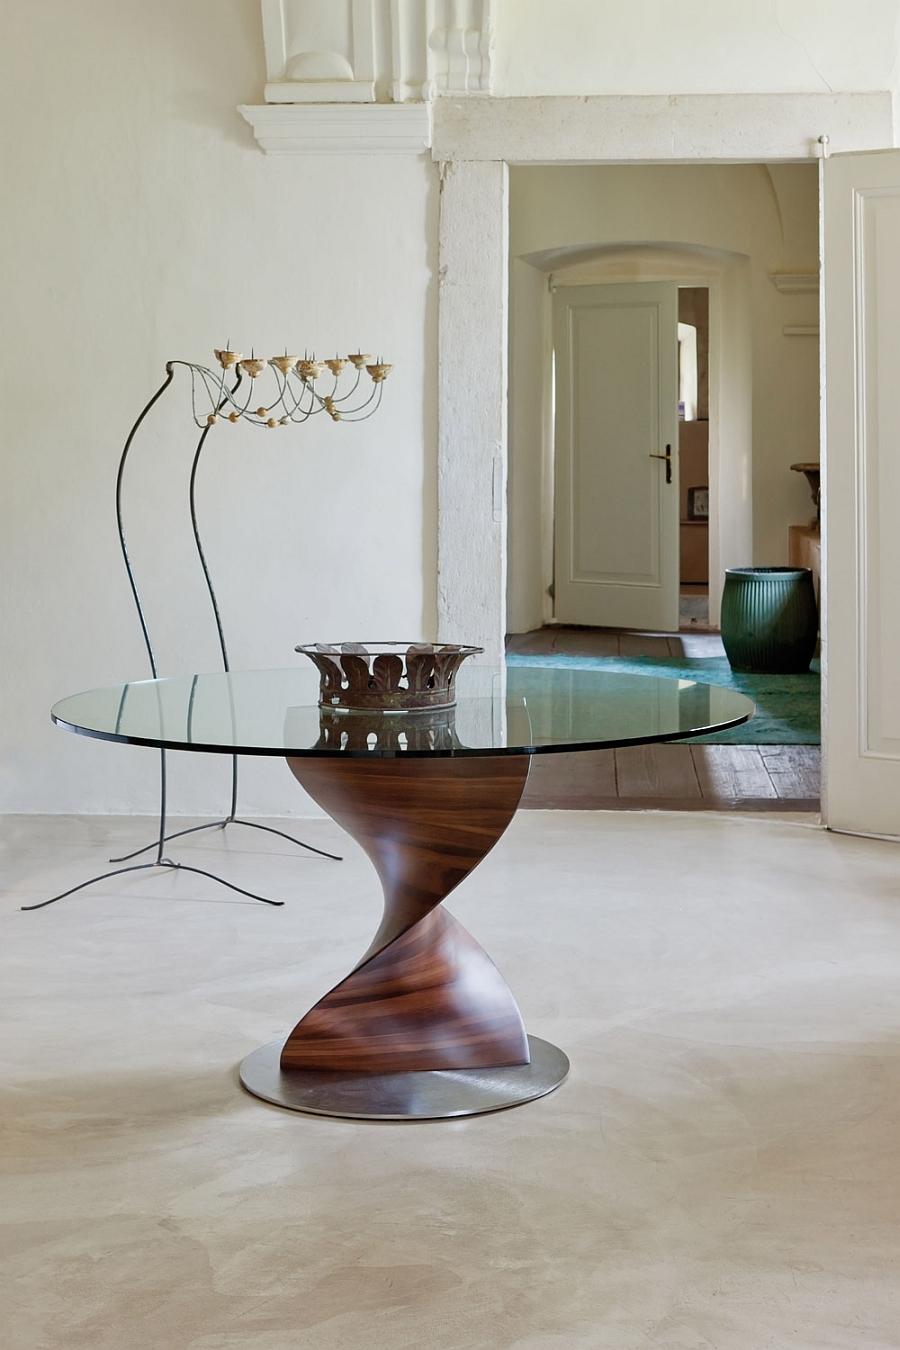 Круглый обеденный стол на деревянной основе со стеклянной столешницей